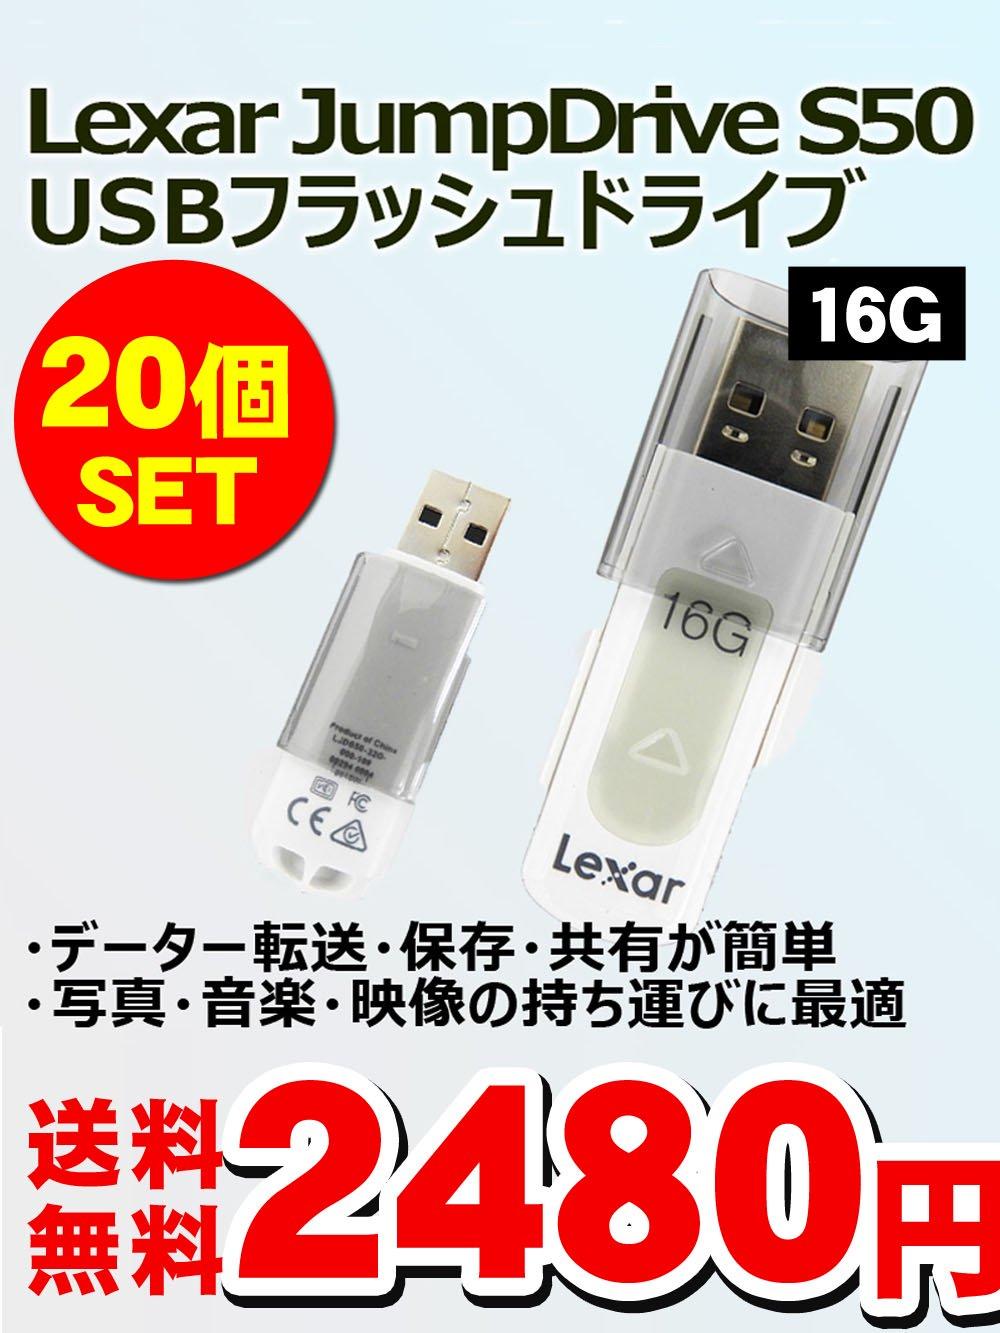 【送料無料】Lexar JumpDrive s50 USBフラッシュドライブ16G【20個セット】 @2480